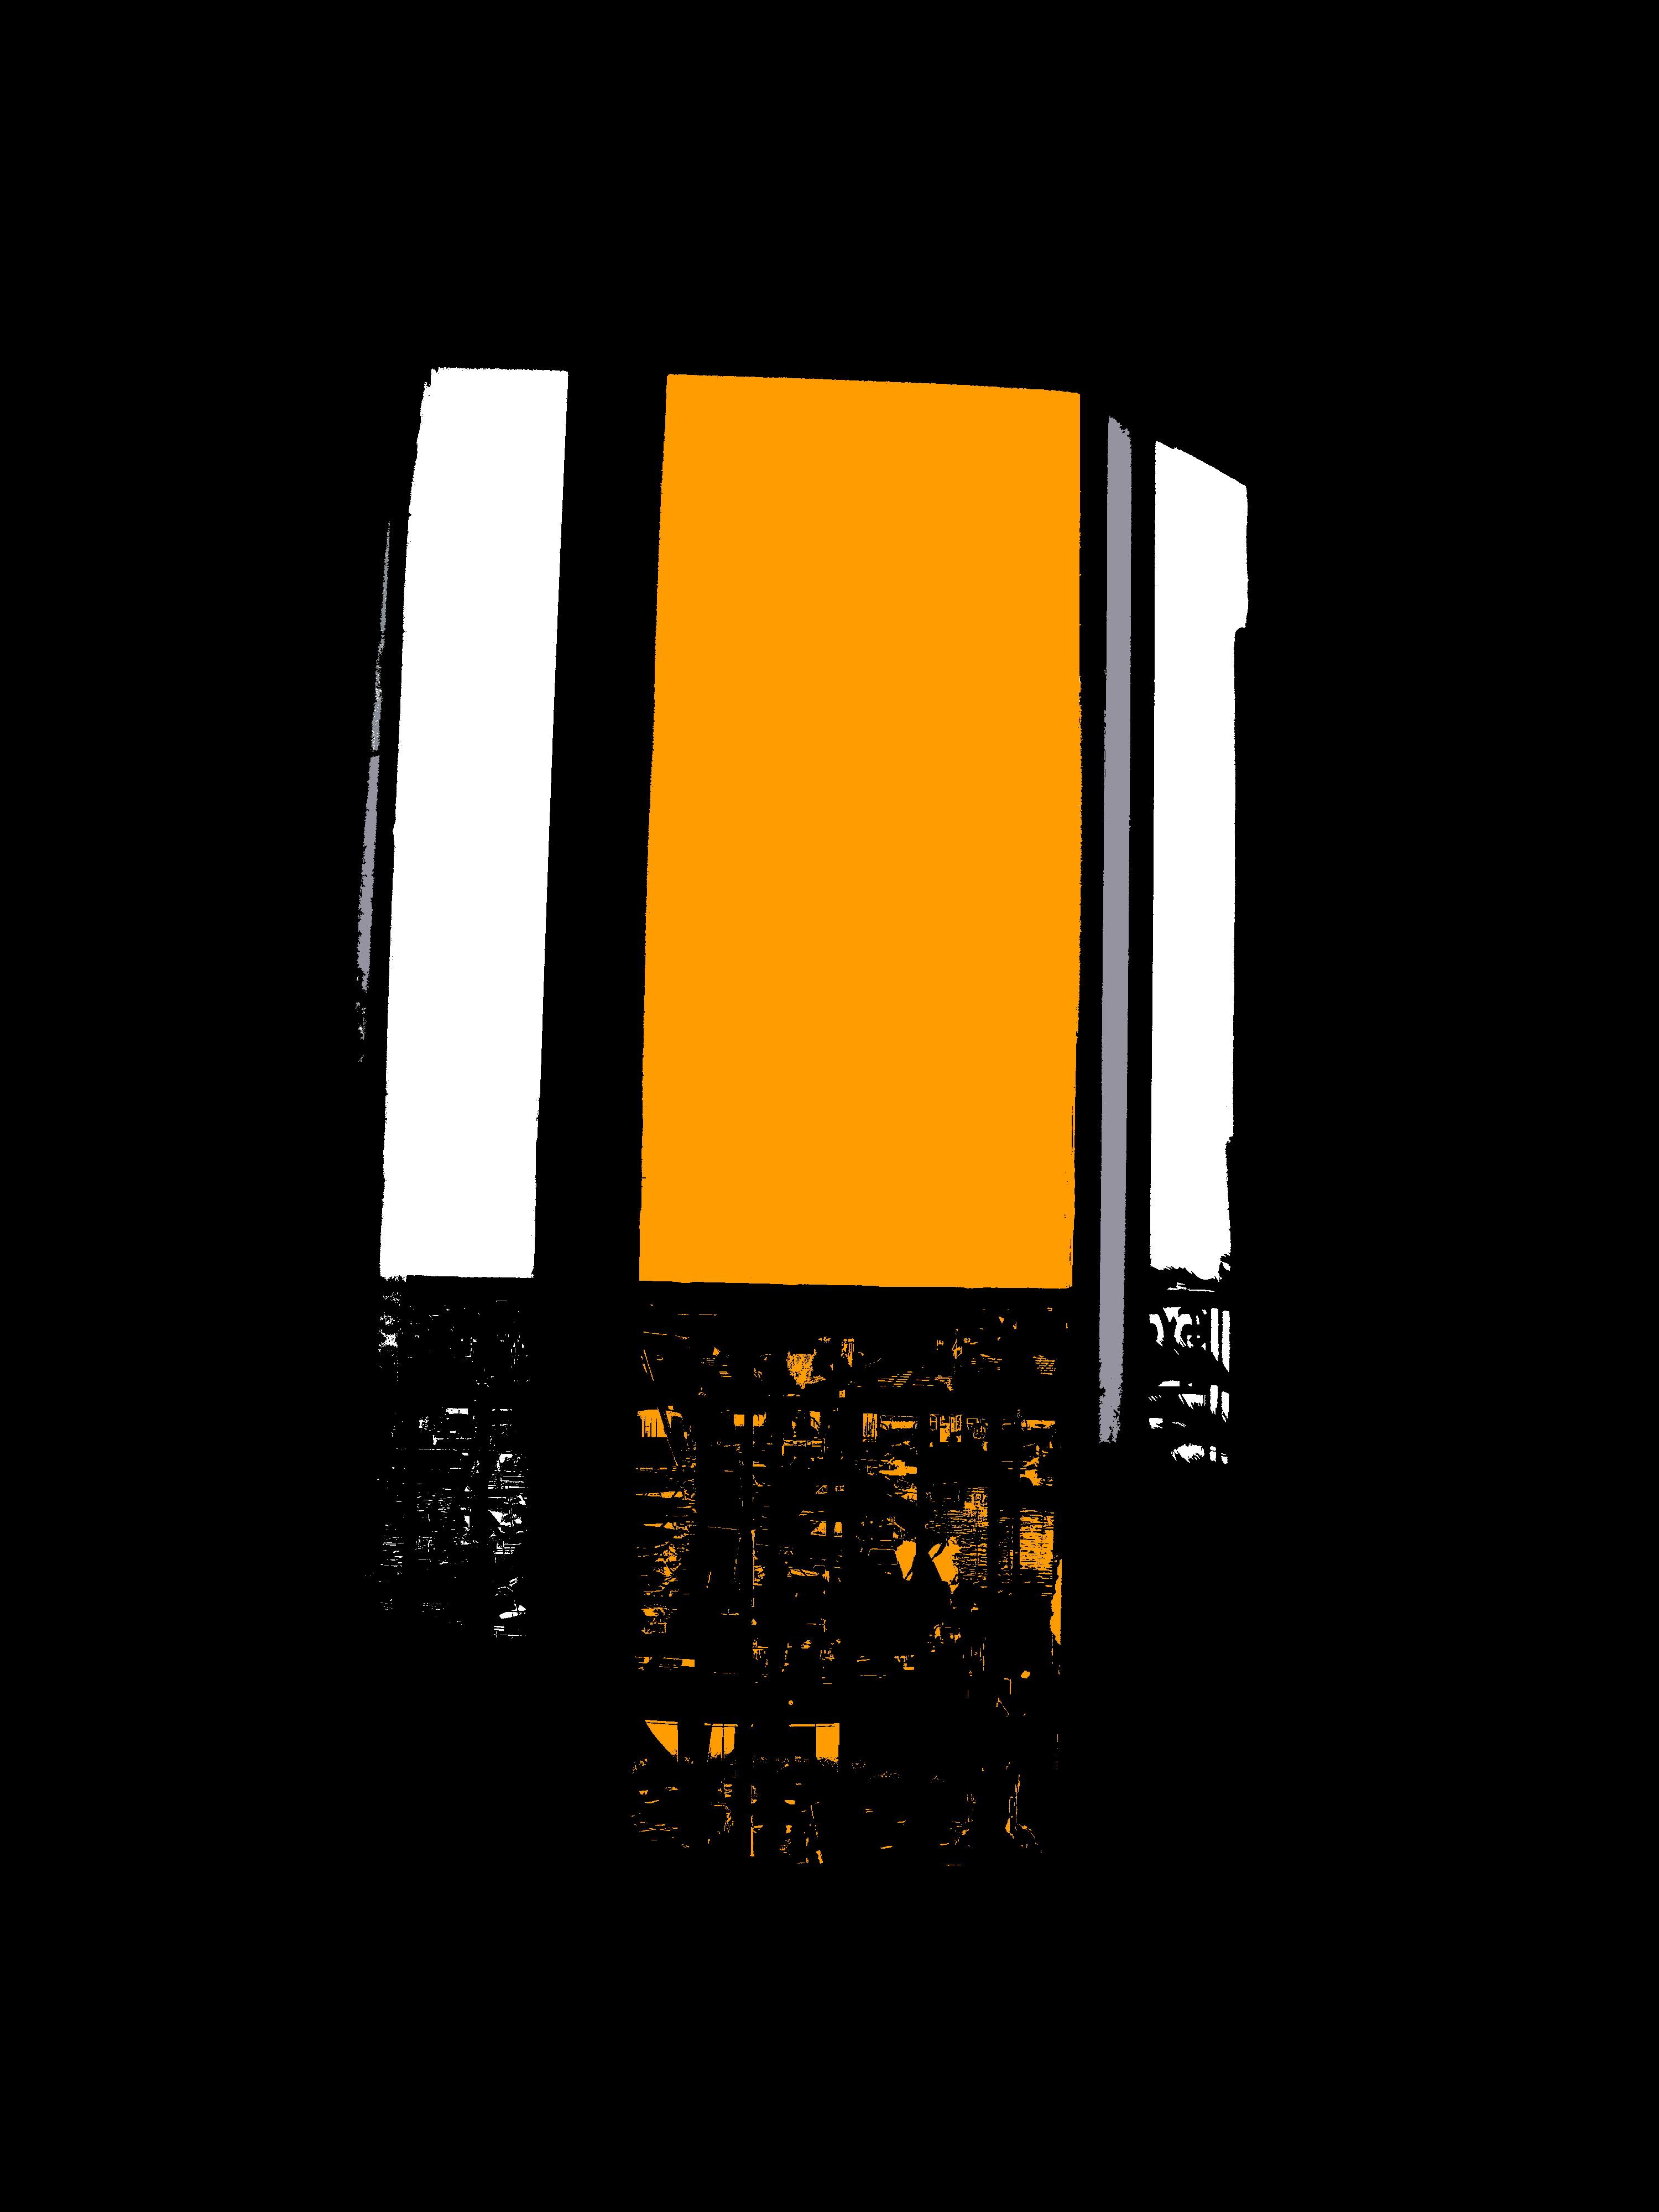 Port Vendres-Thinking of Matisse 02.jpg?